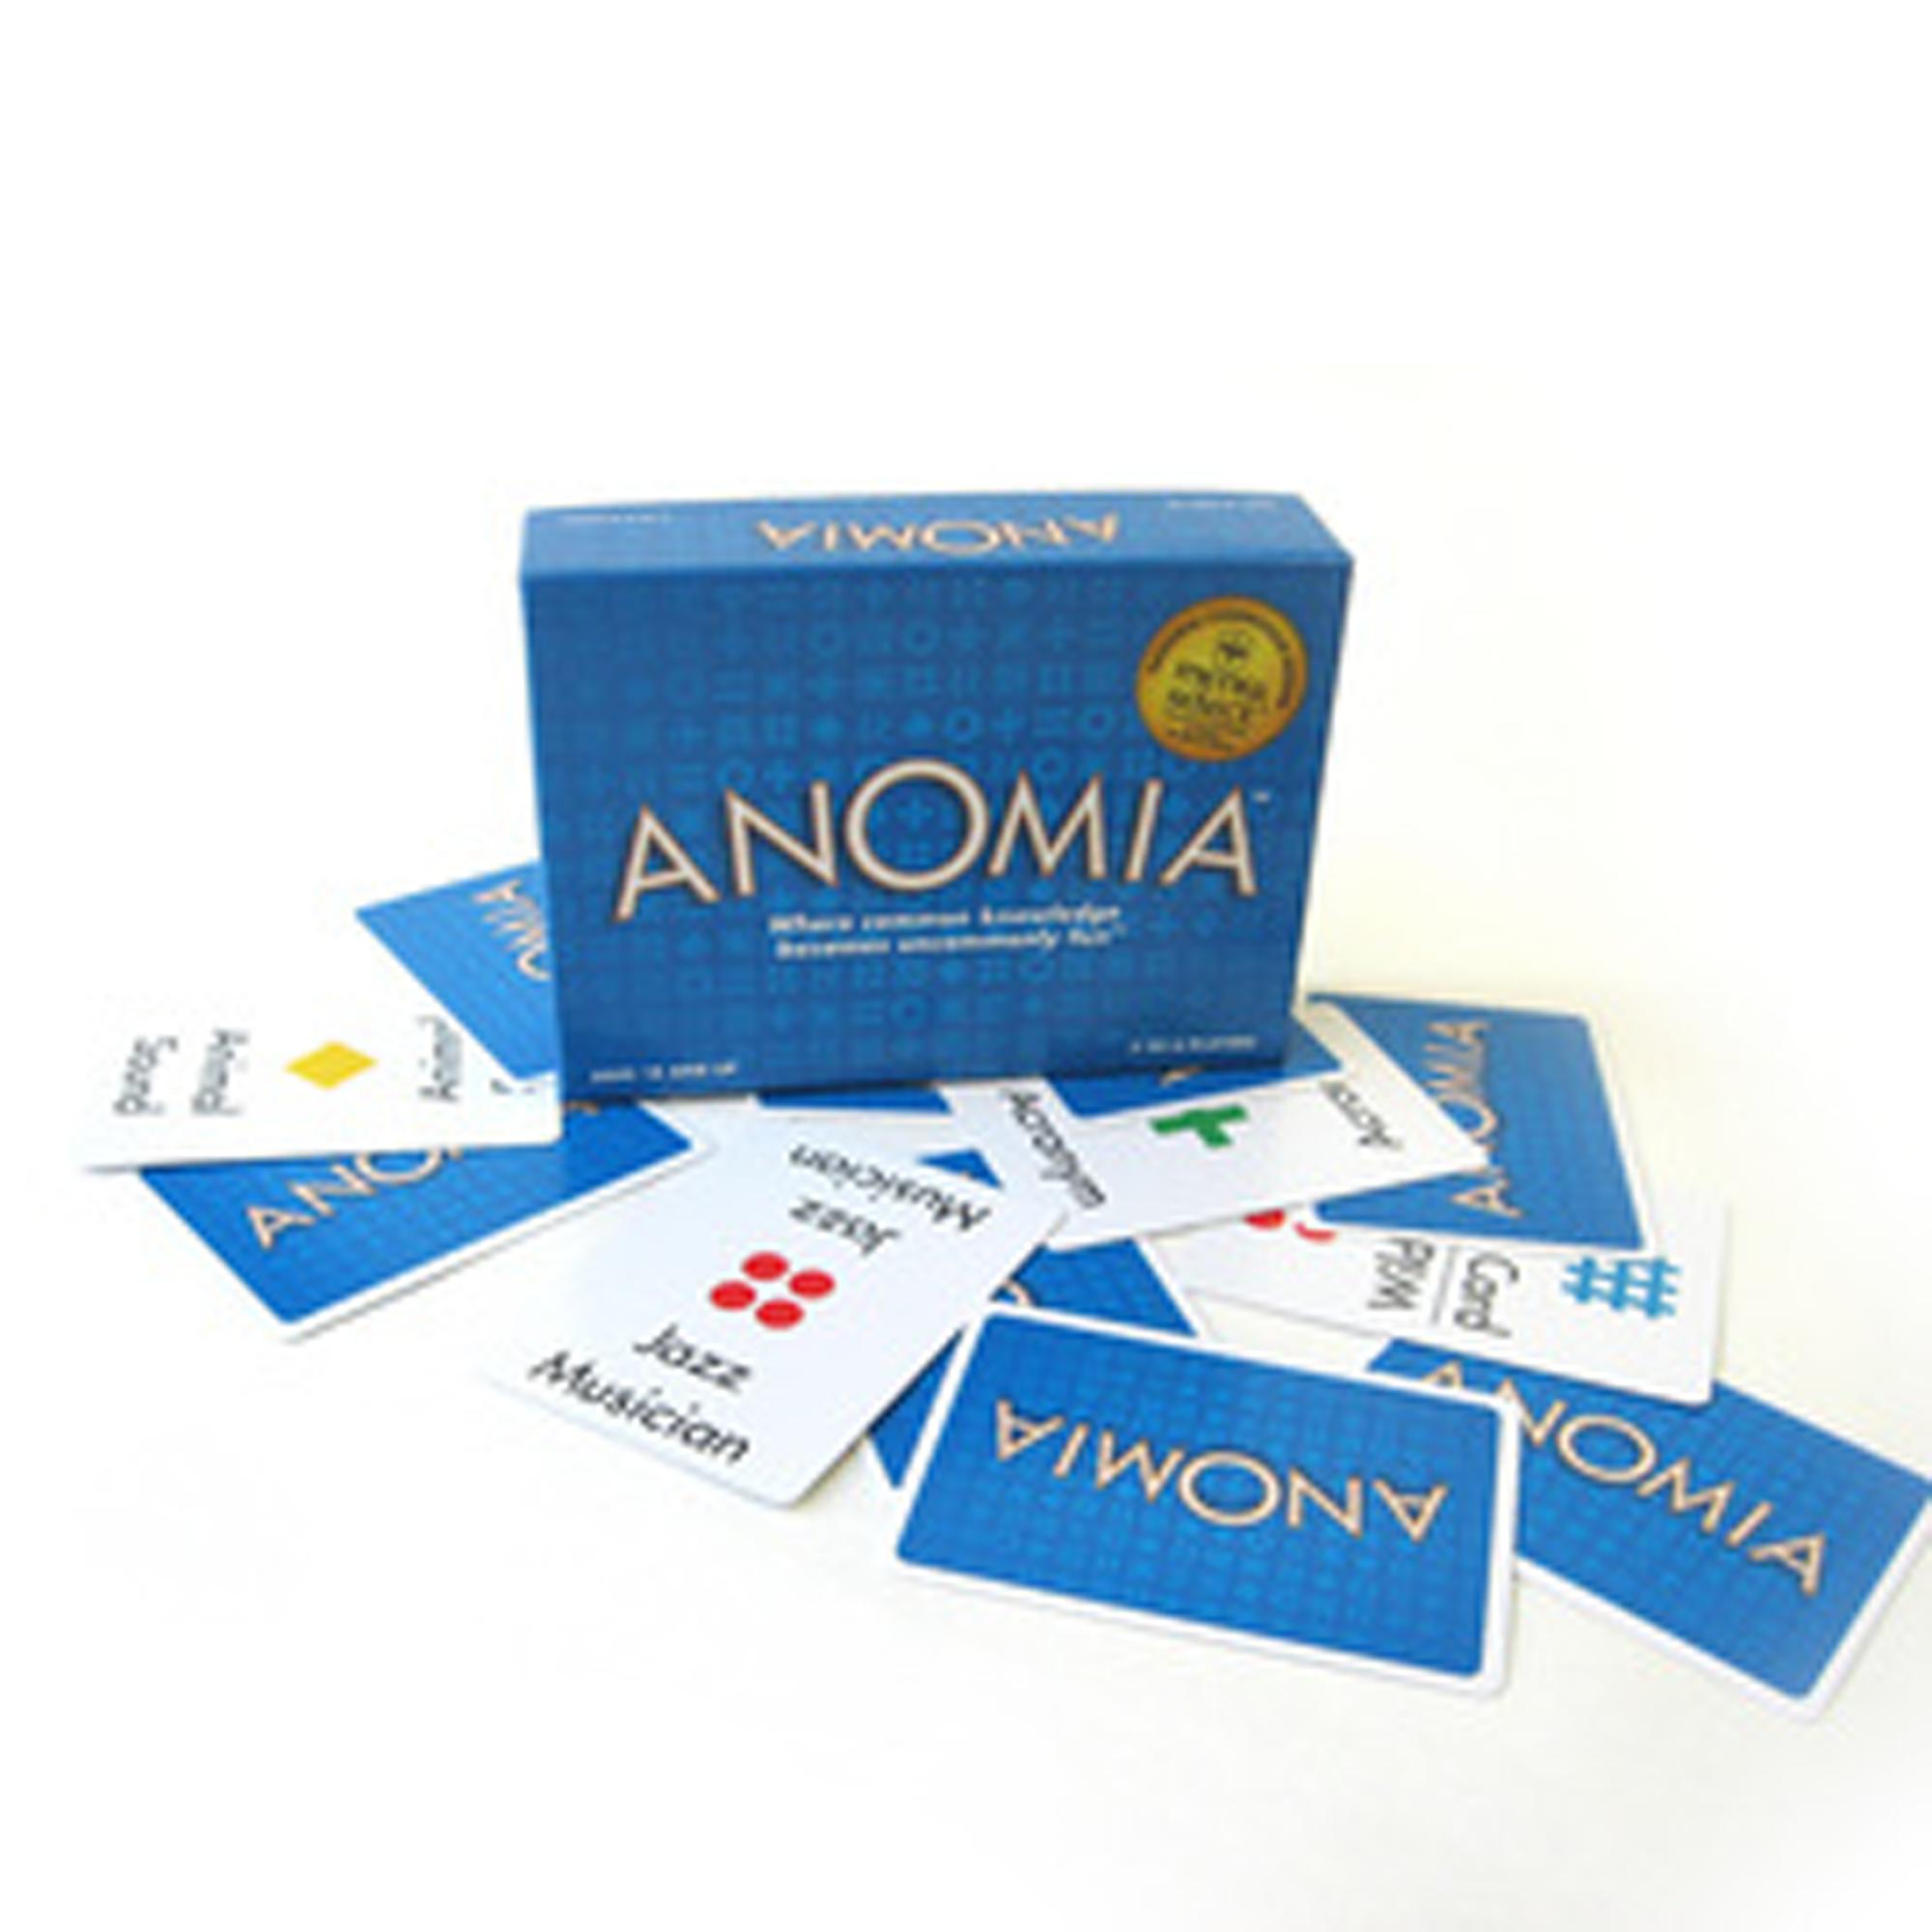 Anomia Game Anomia